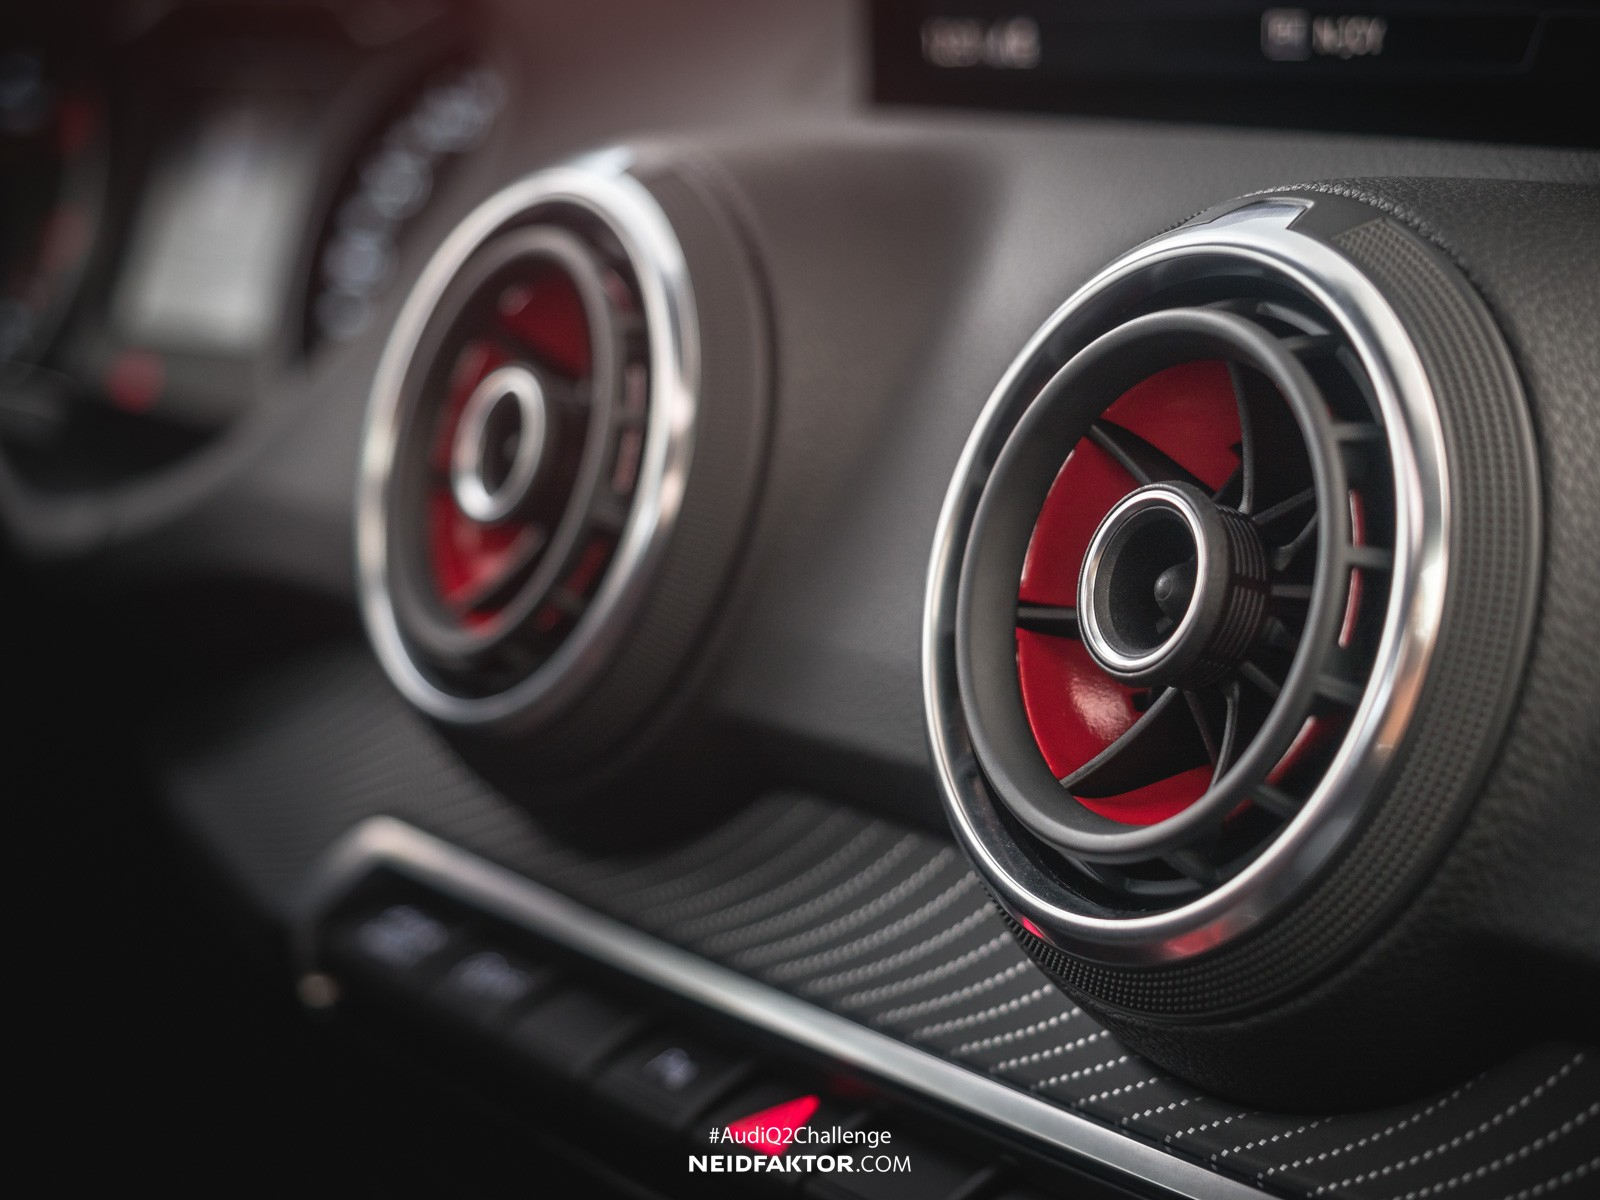 Coolest Audi Q Interior Ever Comes From Neidfaktor Autoevolution - Audi car q2